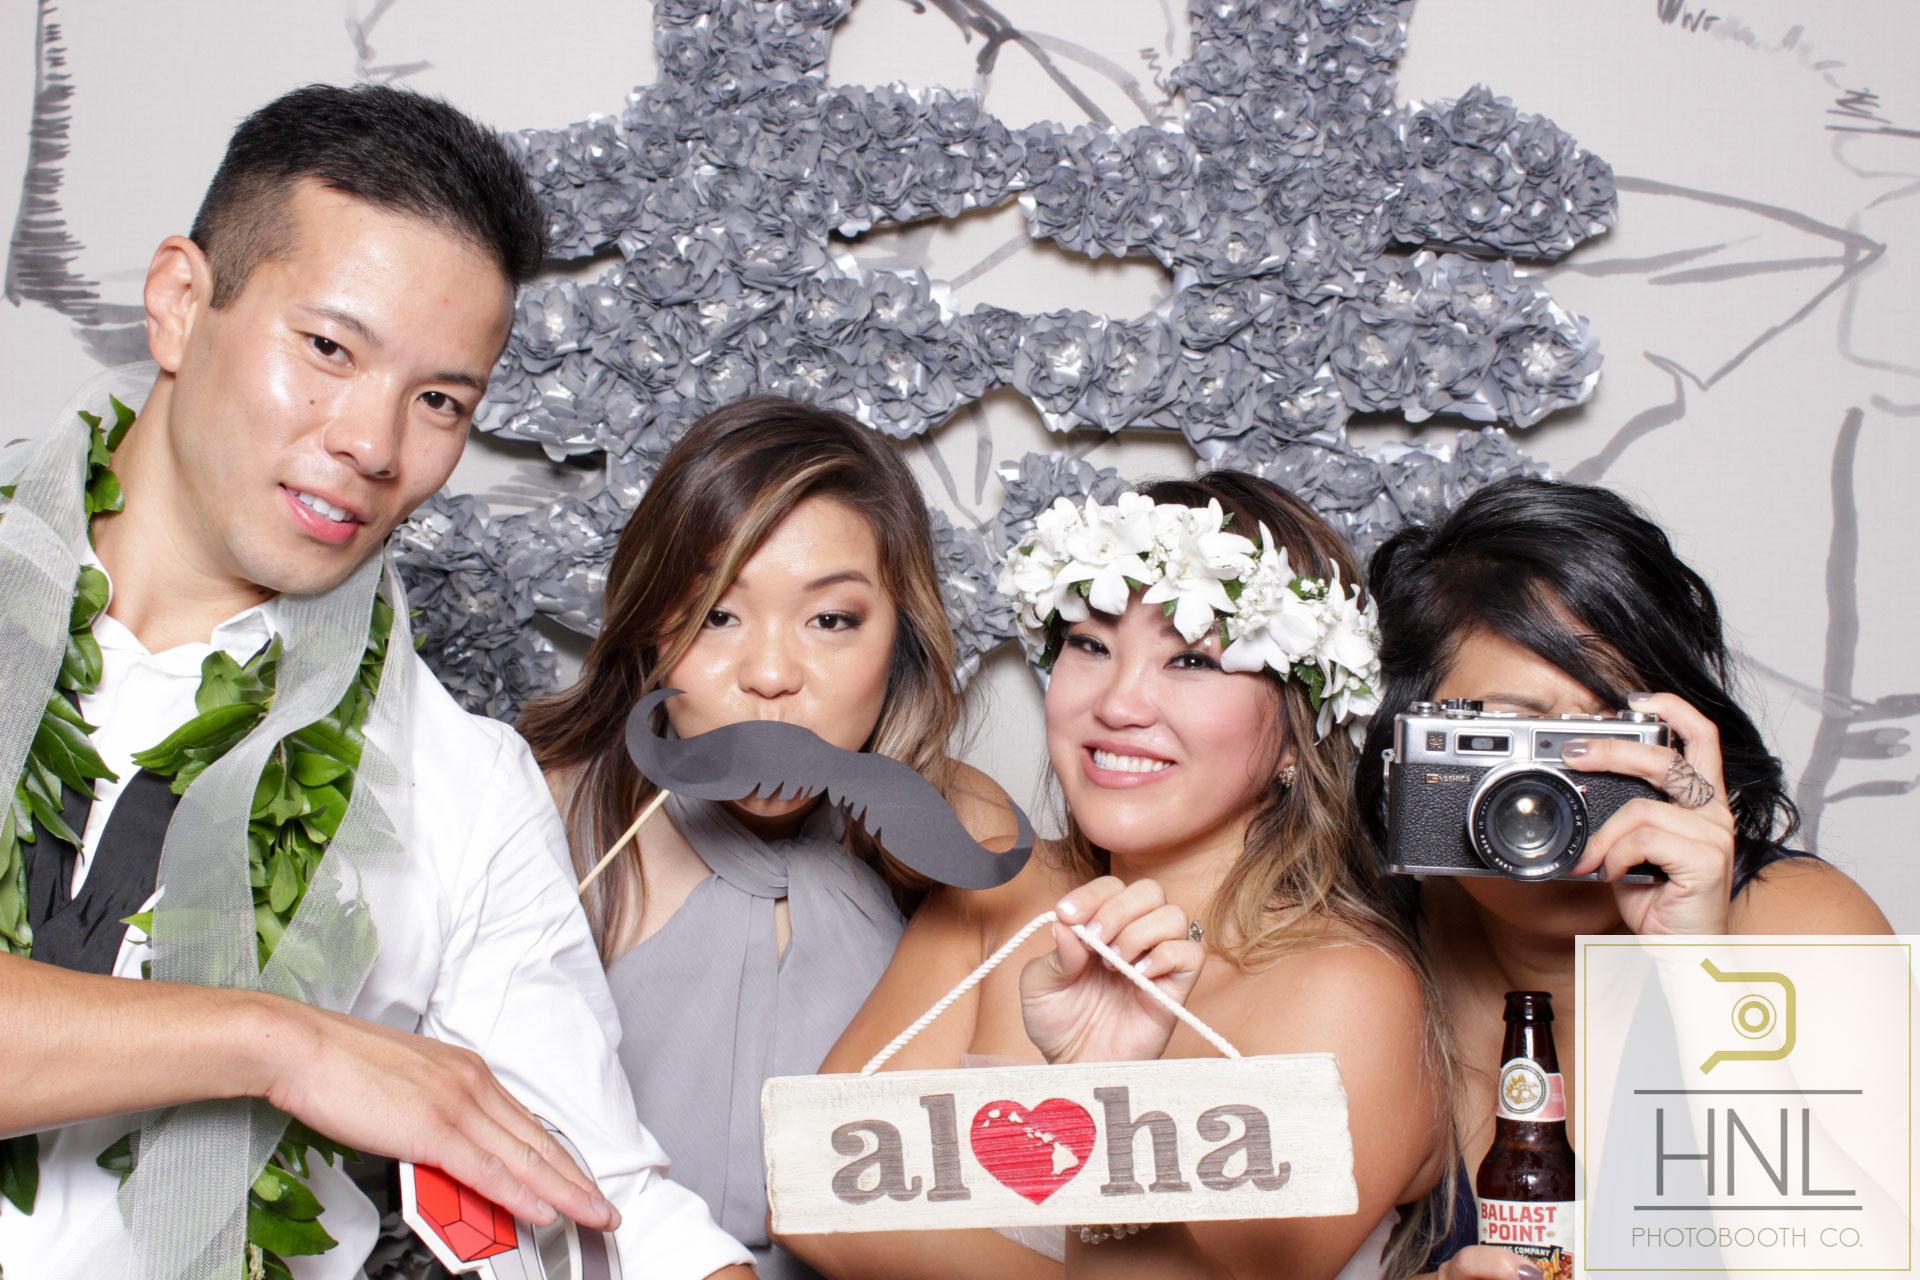 Amanda + Eric Wedding Photo Booth The Modern Honolulu Oahu Hawaii W-146.jpg